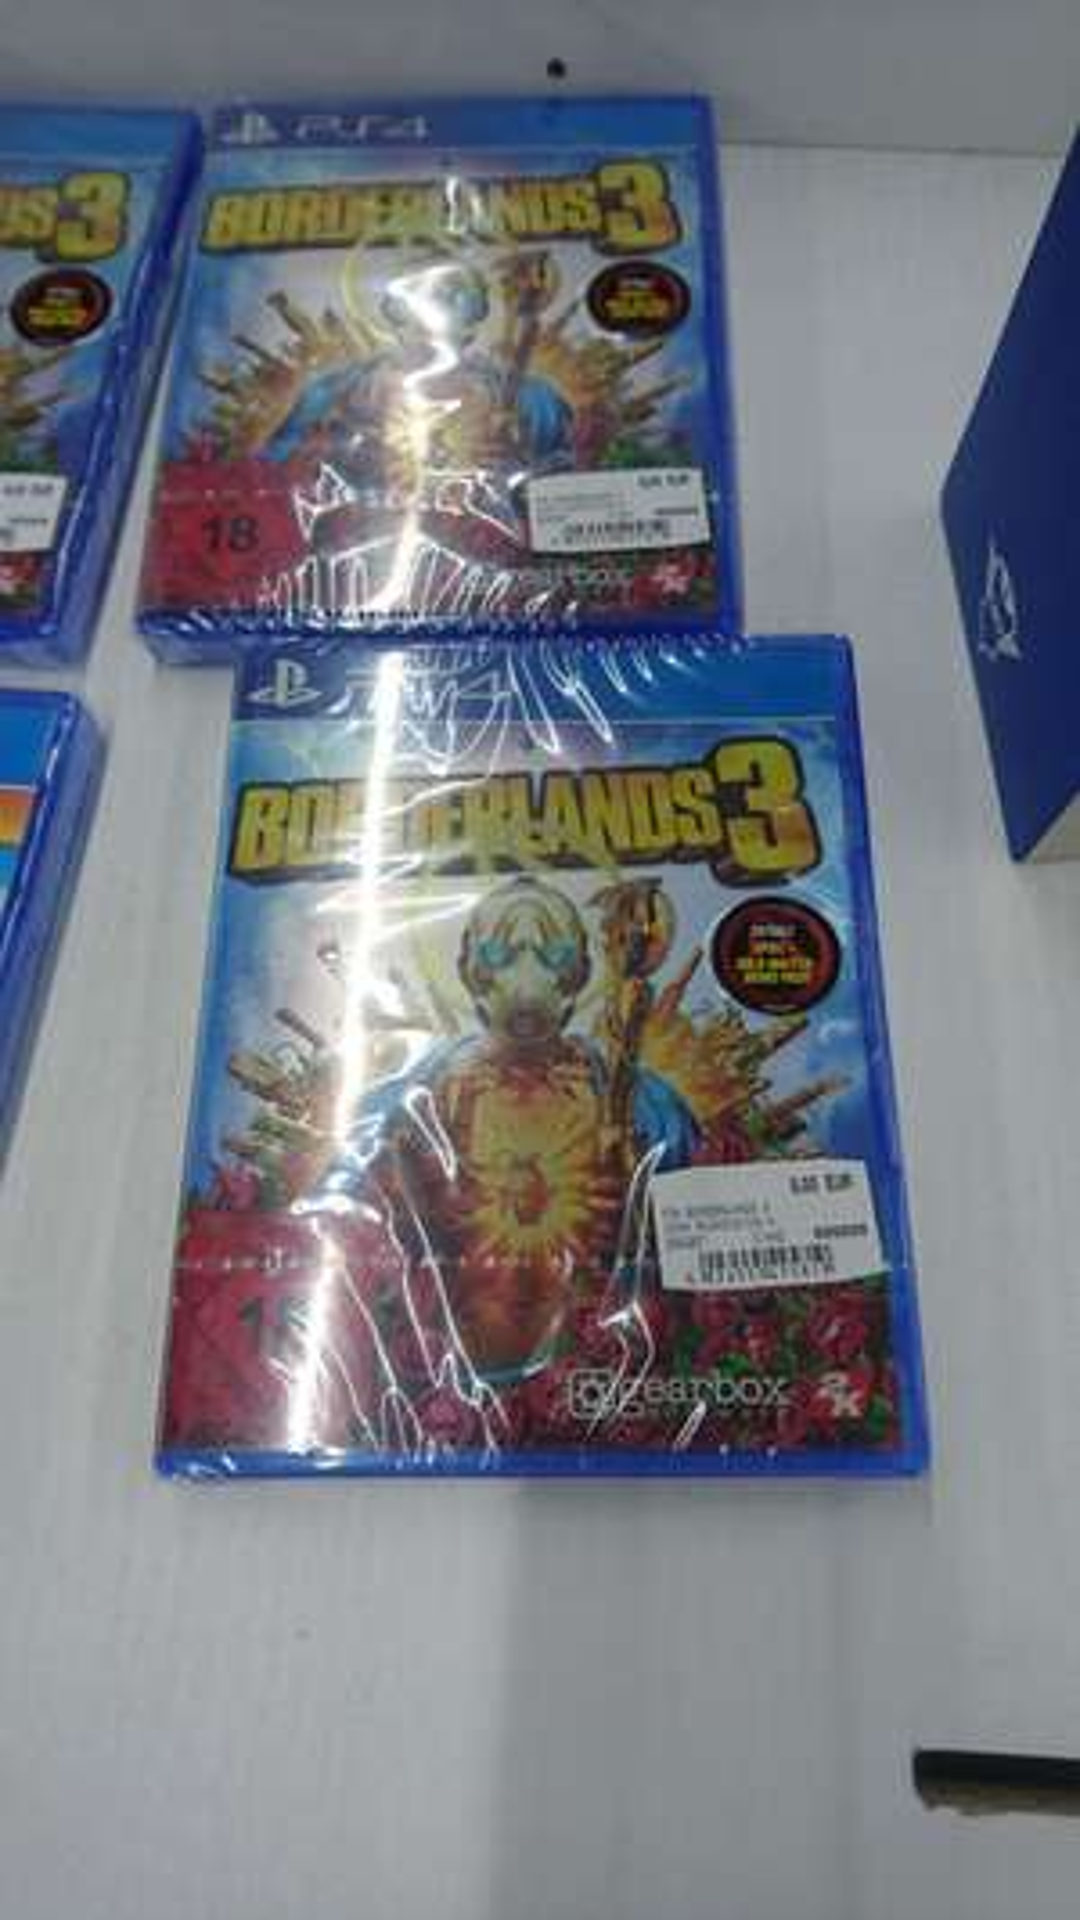 (Lokal MediaMarkt Koblenz) Borderlands 3 PS4